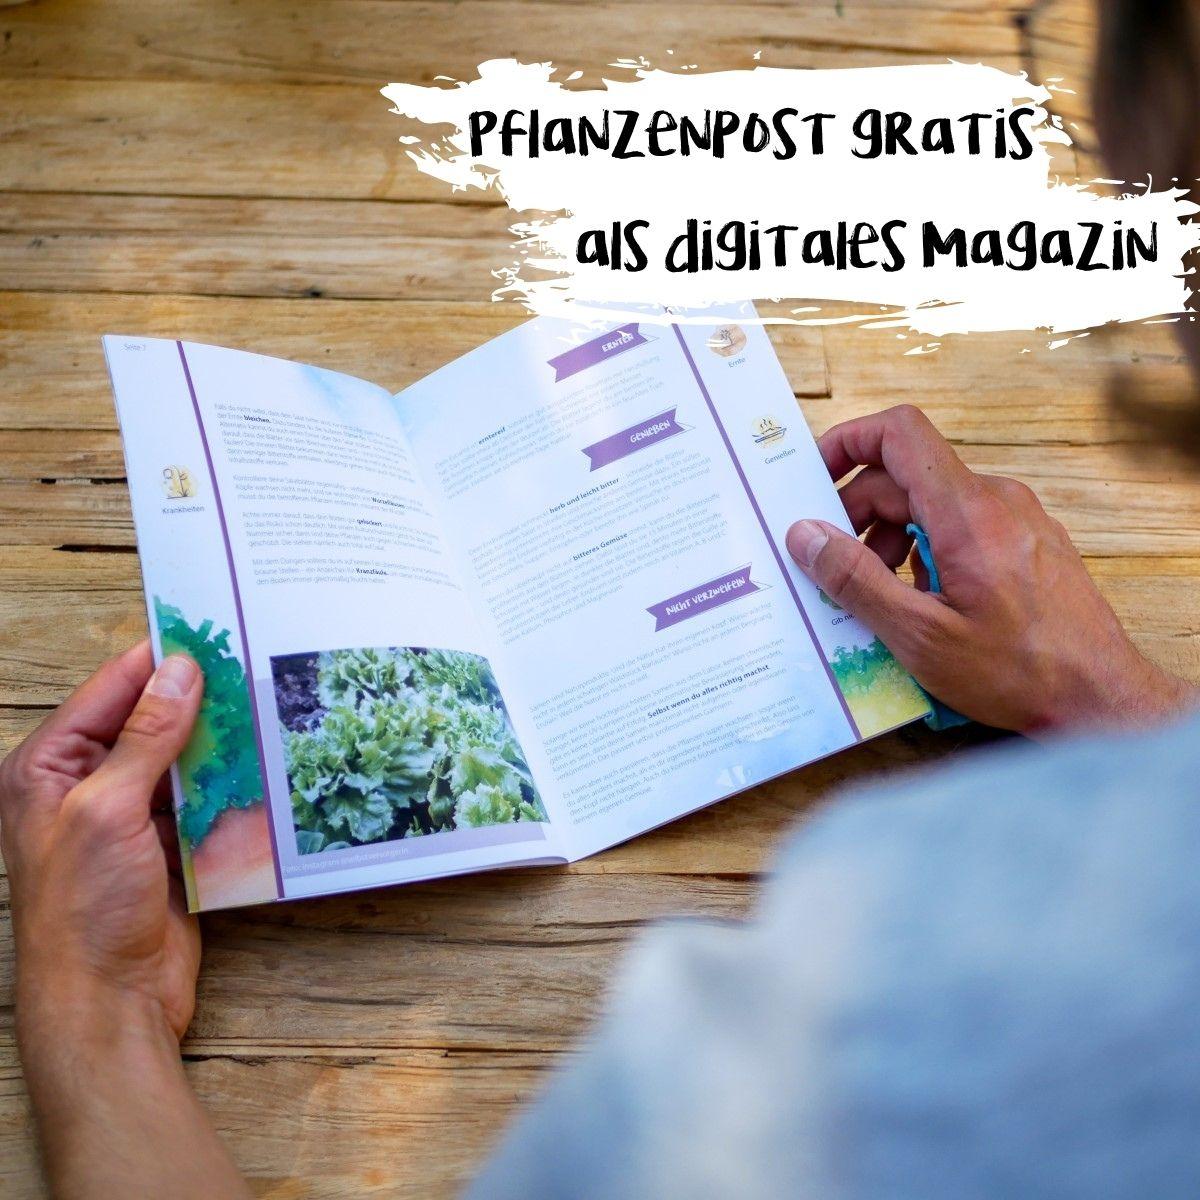 """Das digitale Magazin """"Pflanzenpost"""" von primoza als ausgedruckte Broschüre wird von einem Menschen an einem Tisch gelesen."""